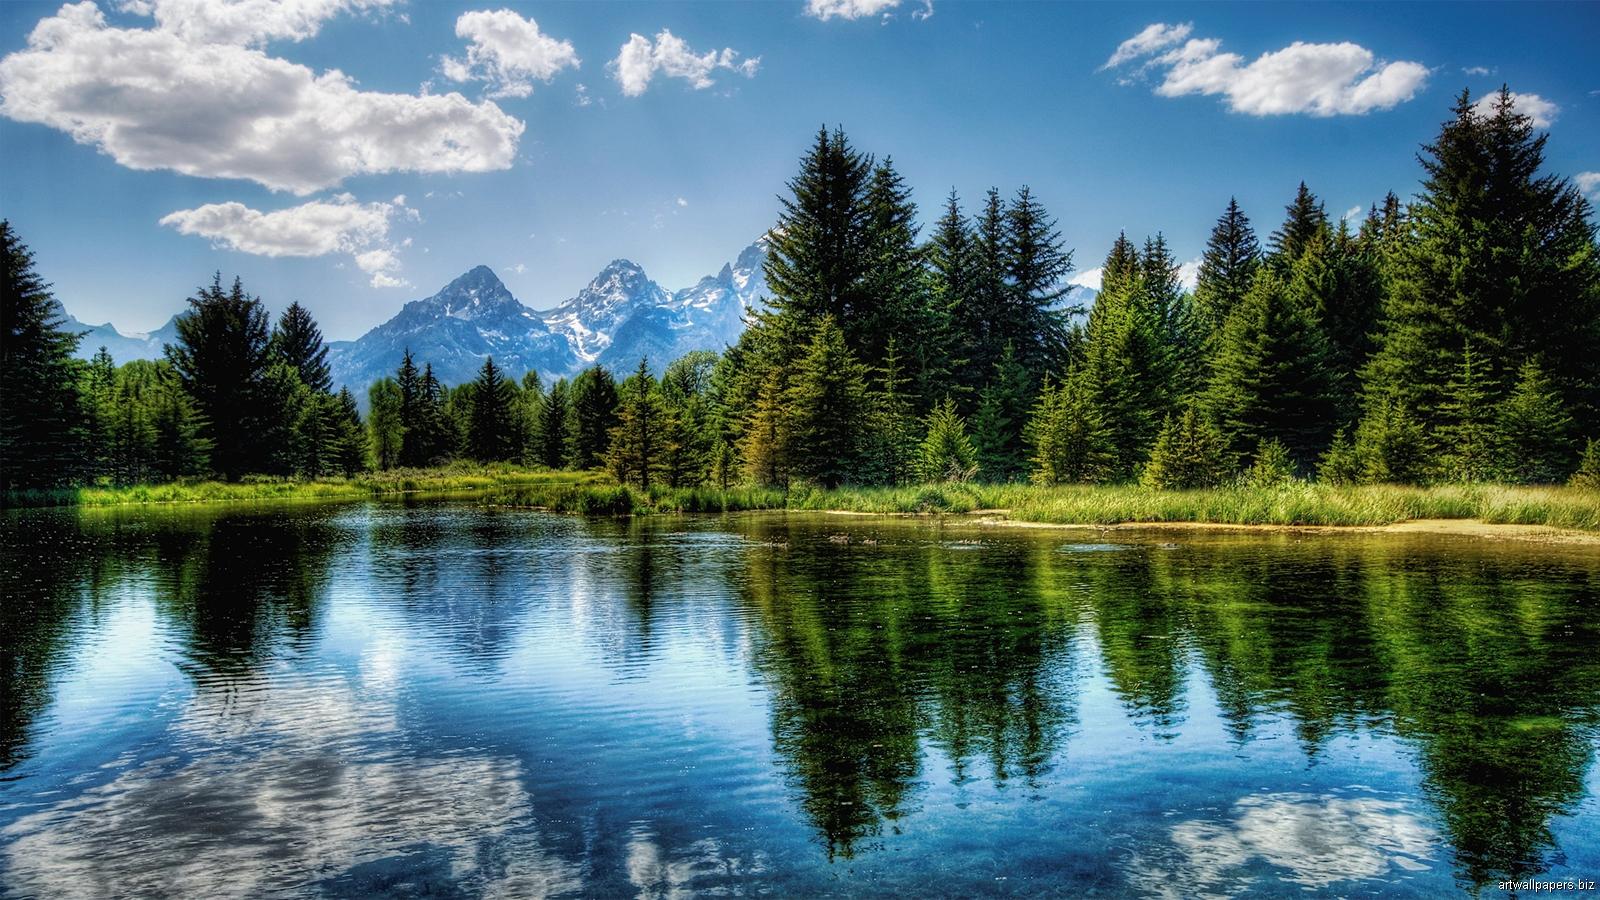 http://1.bp.blogspot.com/-fFanotKenyE/T13bUa0Z7eI/AAAAAAAACuo/YZVvBjv0OEA/s1600/Nature-HD-Wallpaper13.jpg